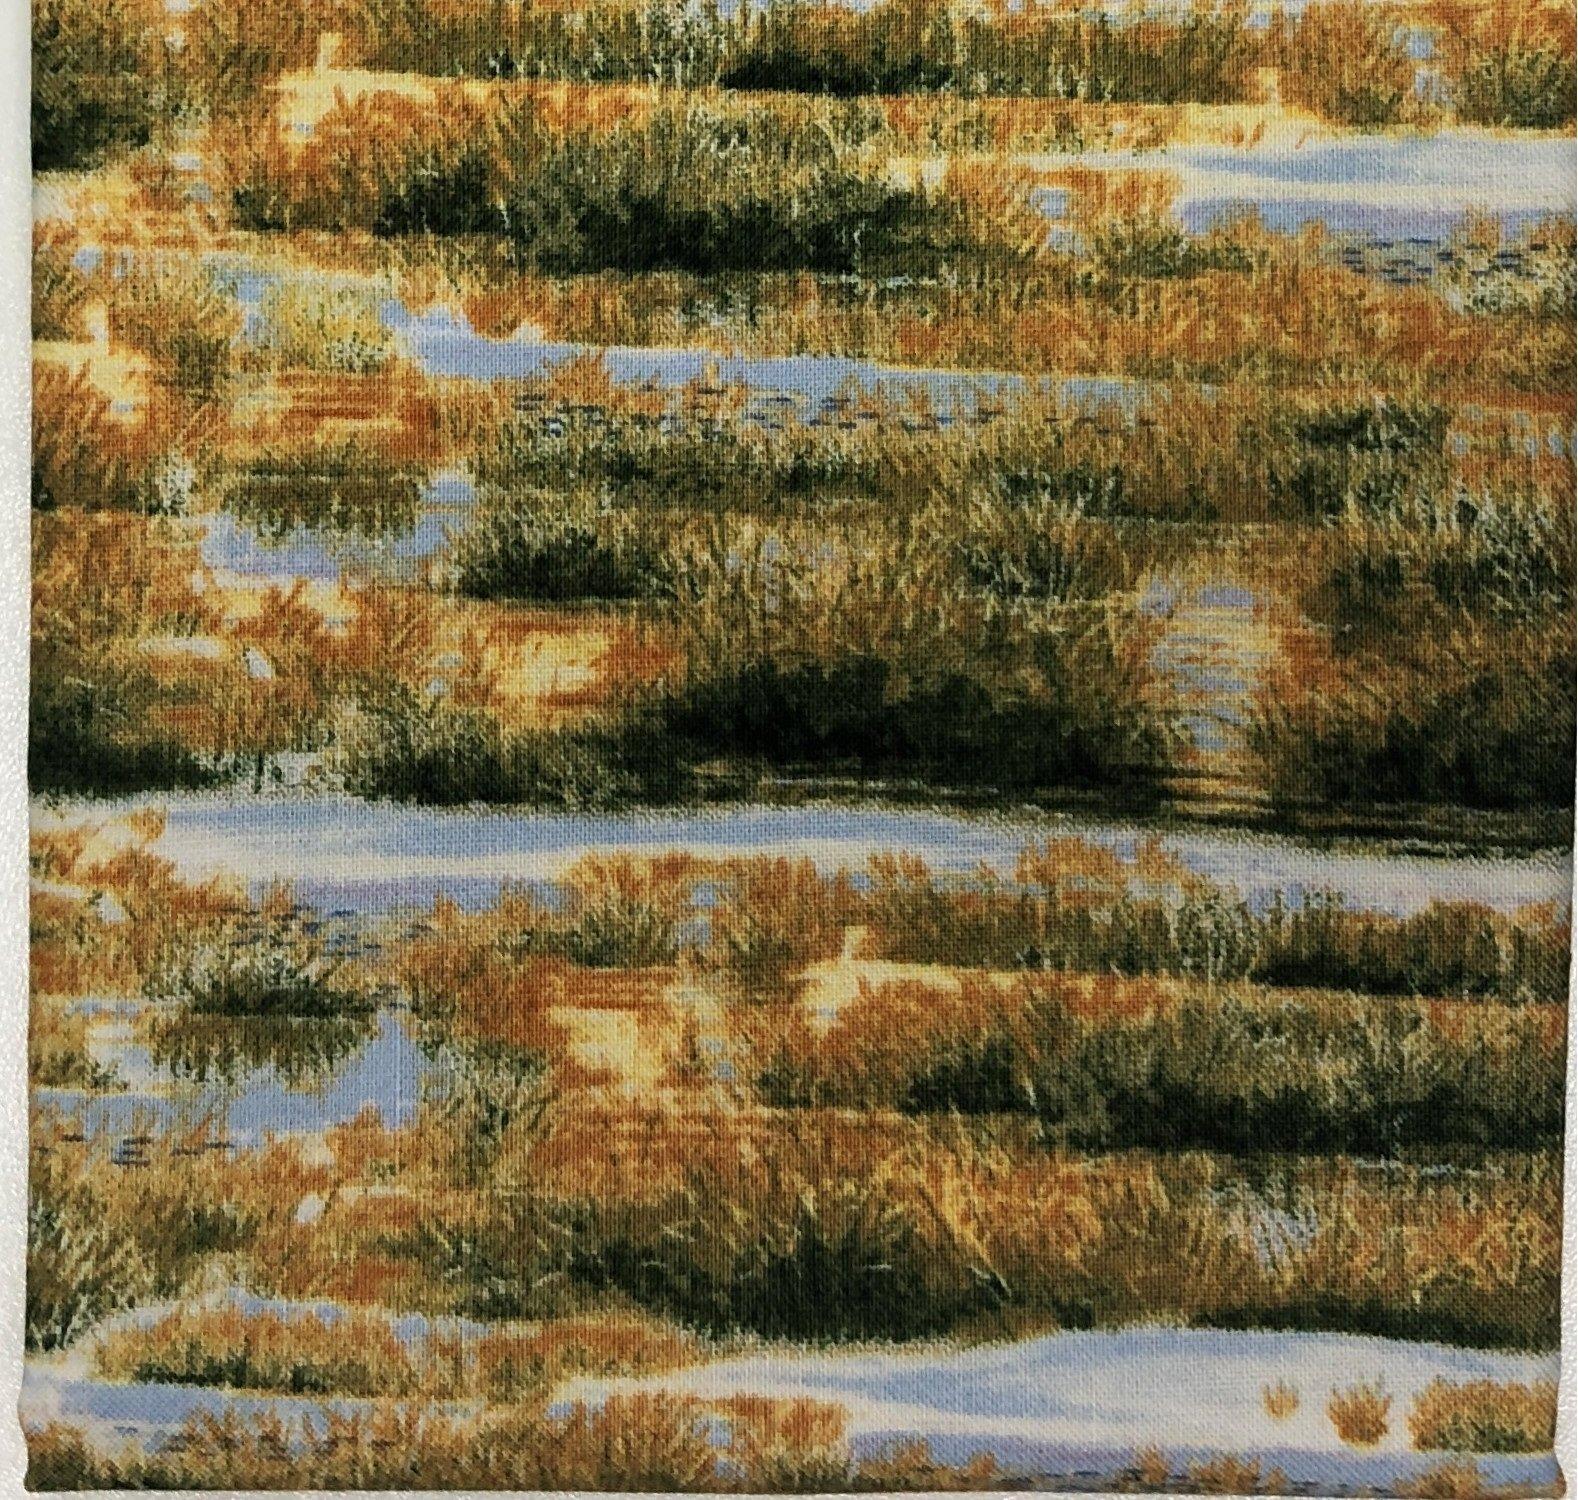 Winter Field - Fat Quarters 20x22 - FQ019